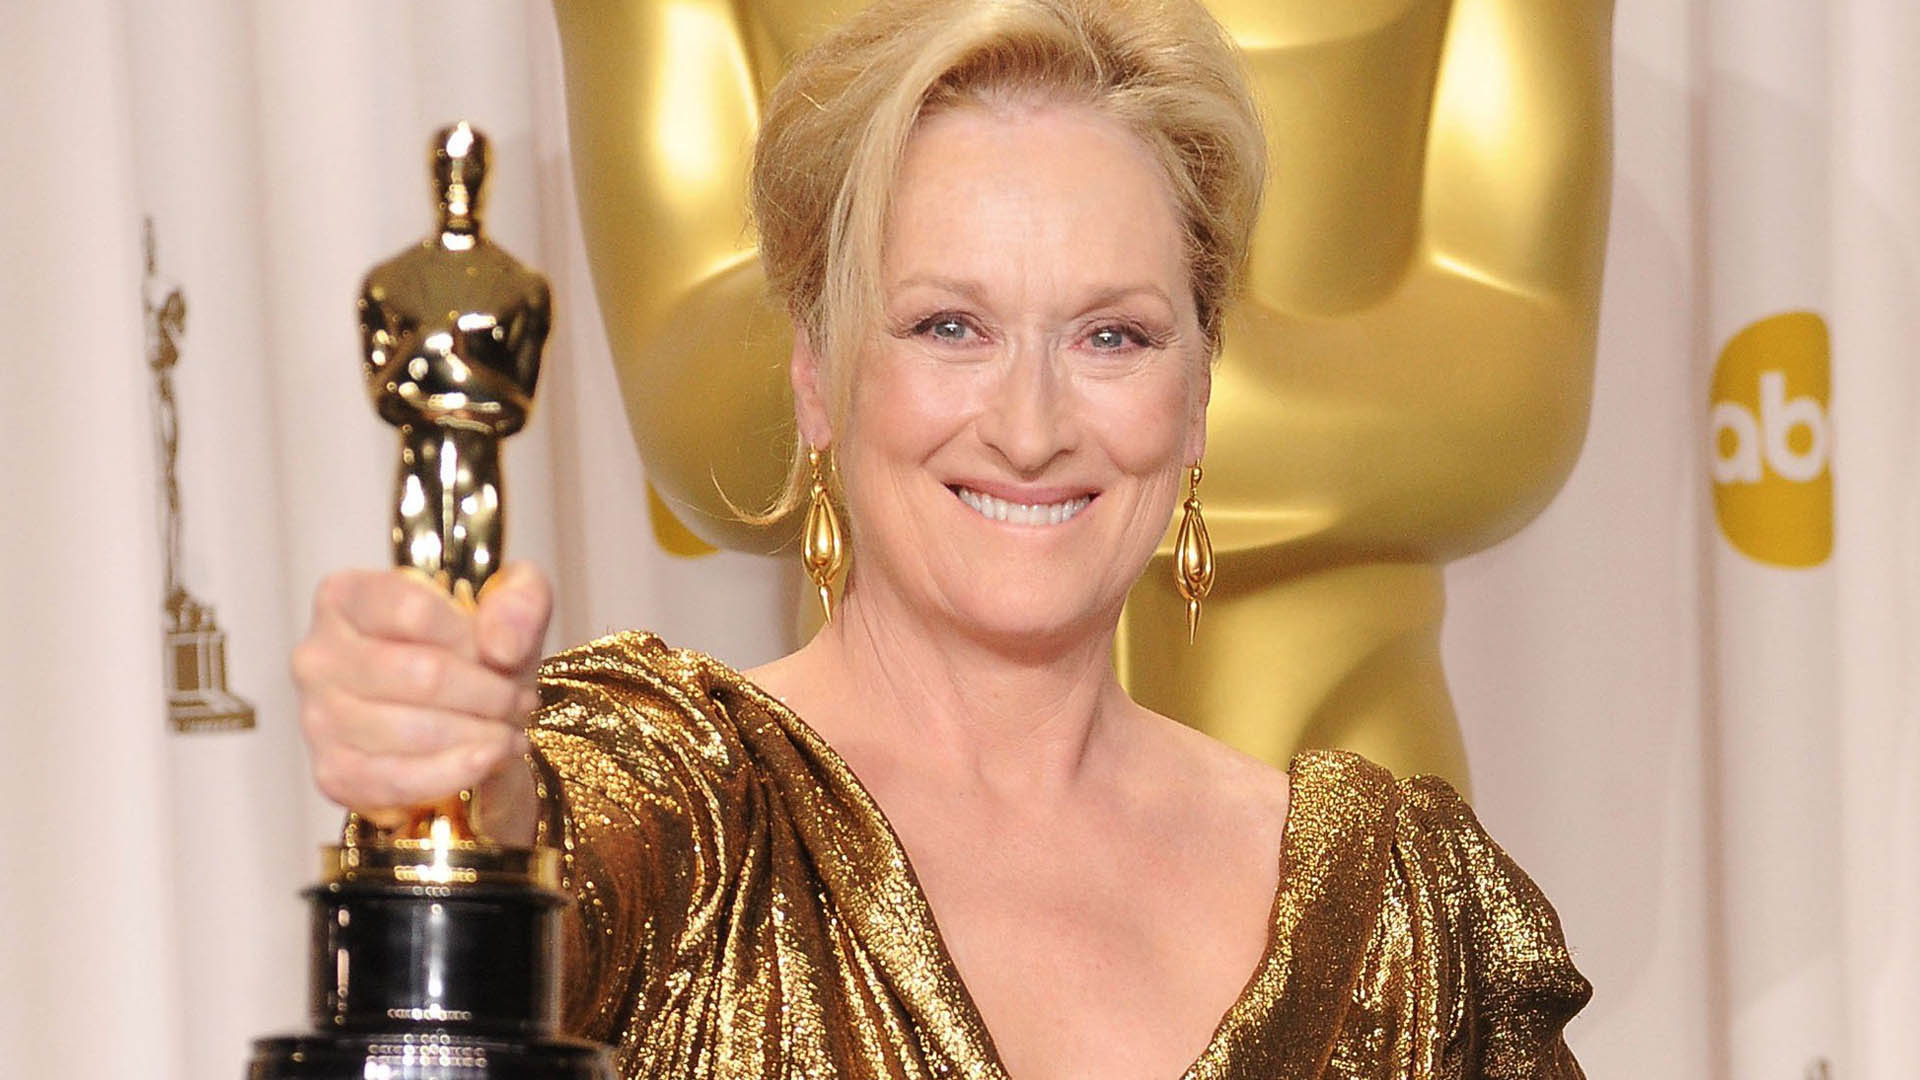 Oscar 2018: Meryl Streep, la más nominada, ¿y también la más relegada? -  Infobae